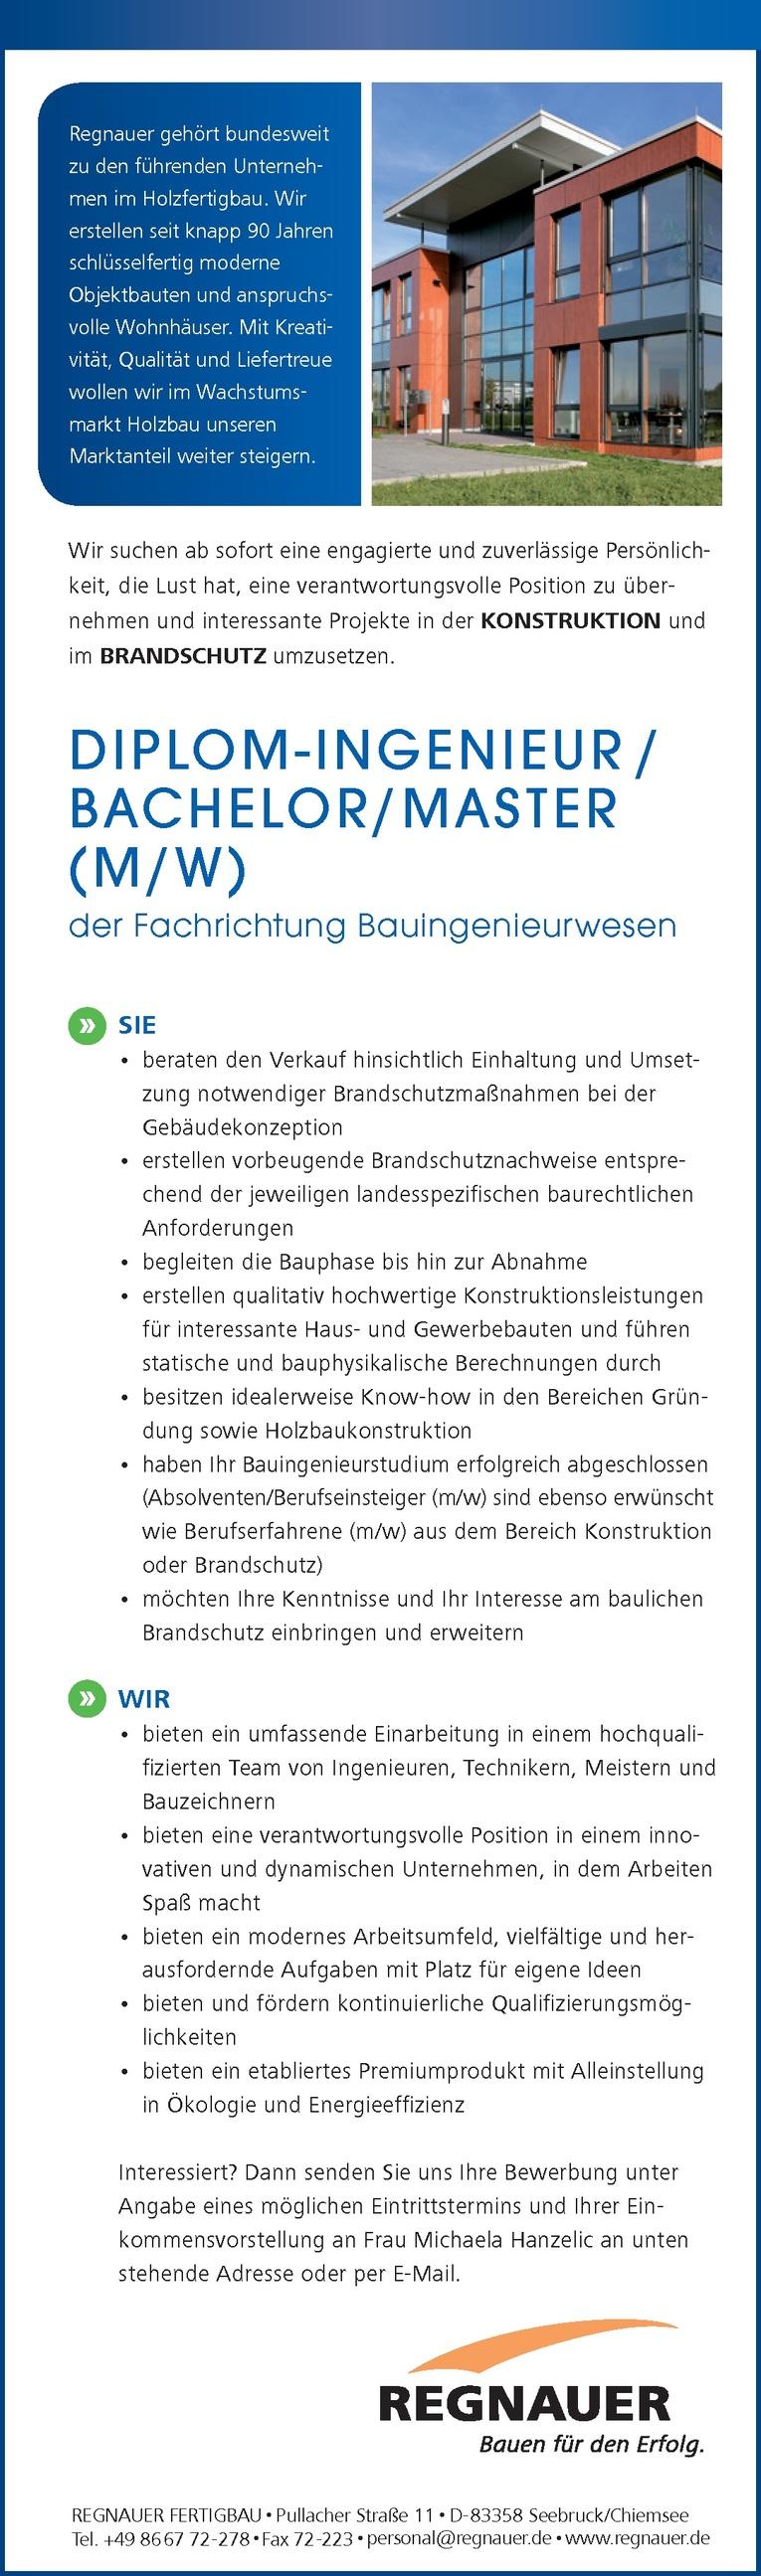 DIPLOM-INGENIEUR / BACHELOR/MASTER (M/W) der Fachrichtung Bauingenieurwesen